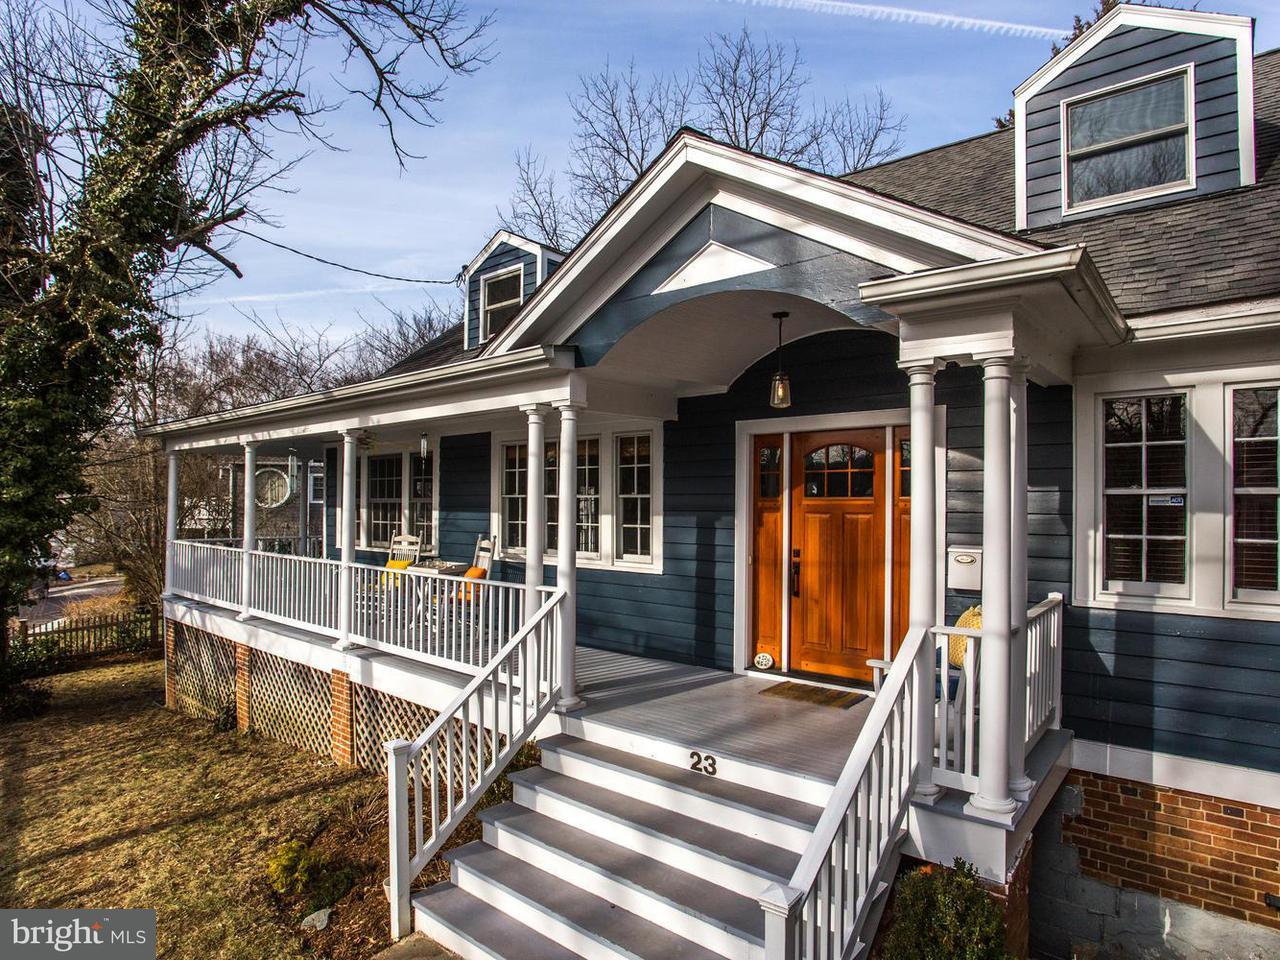 Частный односемейный дом для того Продажа на 23 WELLESLEY Circle 23 WELLESLEY Circle Glen Echo, Мэриленд 20812 Соединенные Штаты